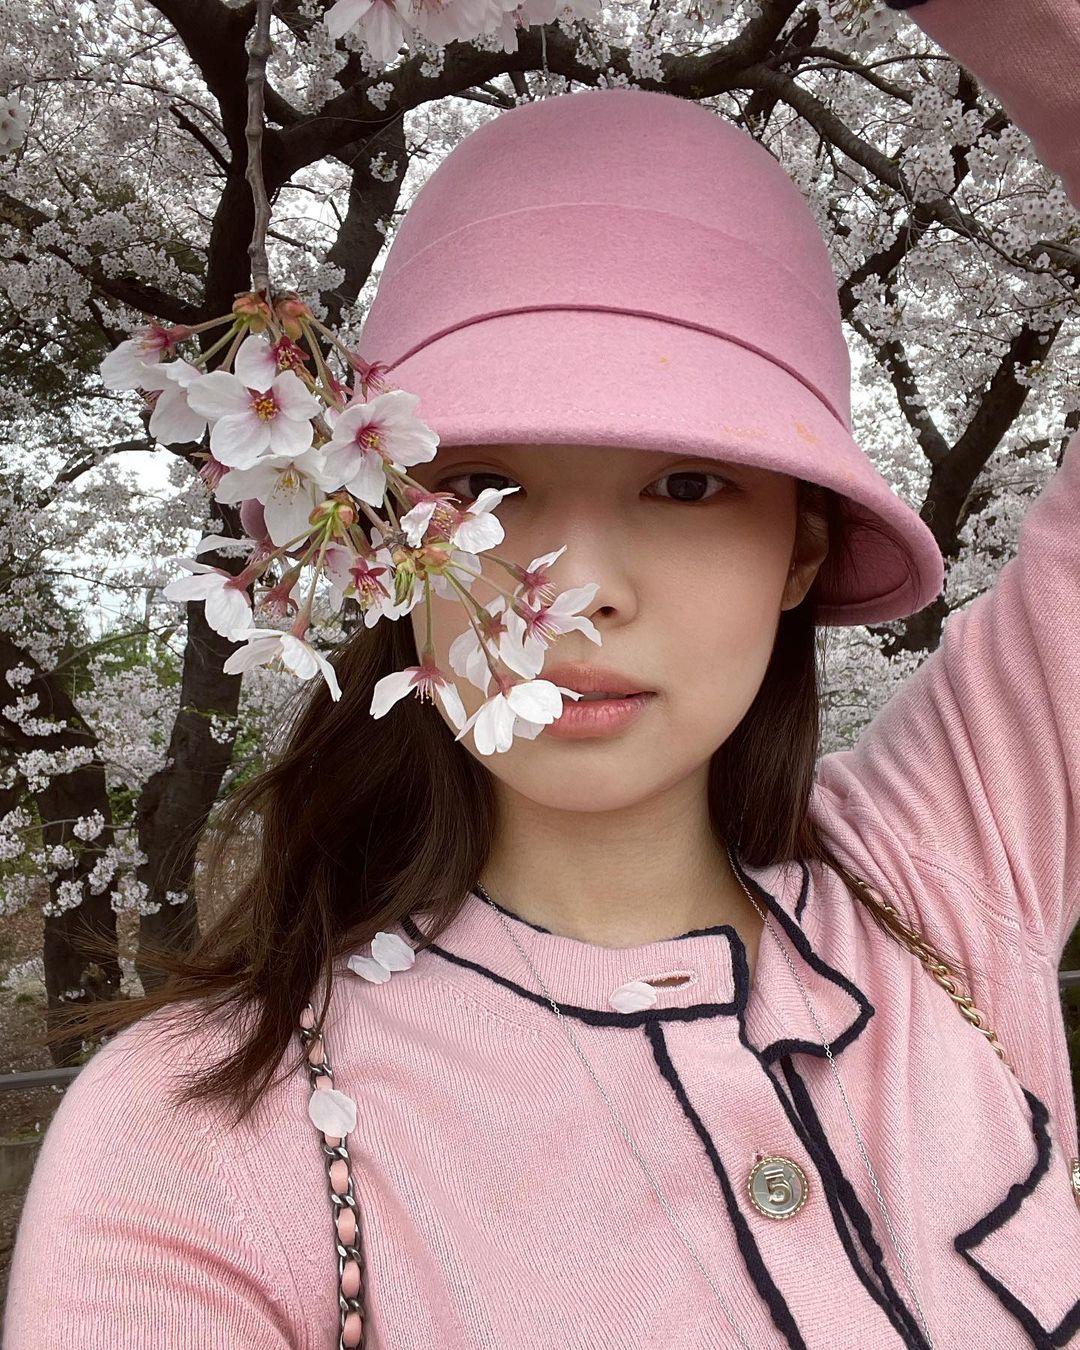 Jennie diện đồ Chanel gần 100 triệu mà cũng bị gạch đá, netizen liệu có đang quá quắt? - Ảnh 4.